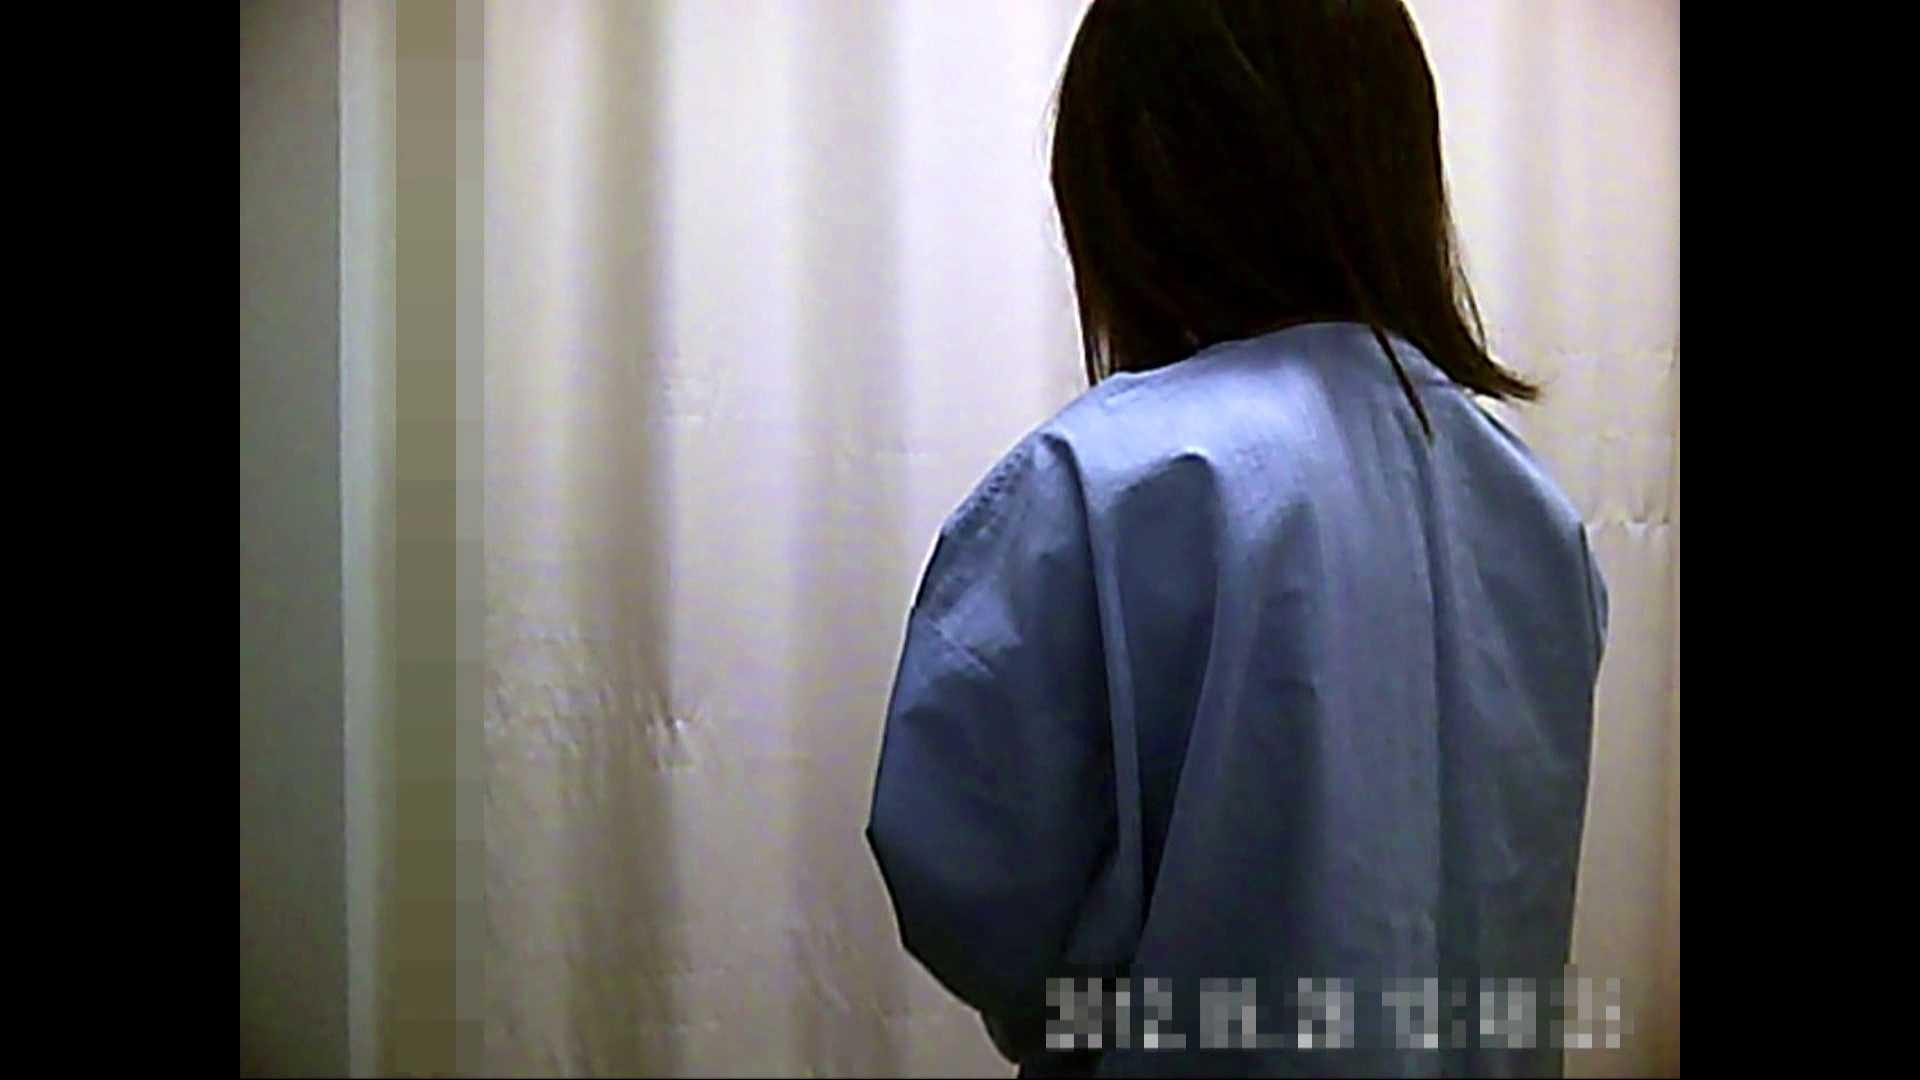 元医者による反抗 更衣室地獄絵巻 vol.072 OL  57pic 28